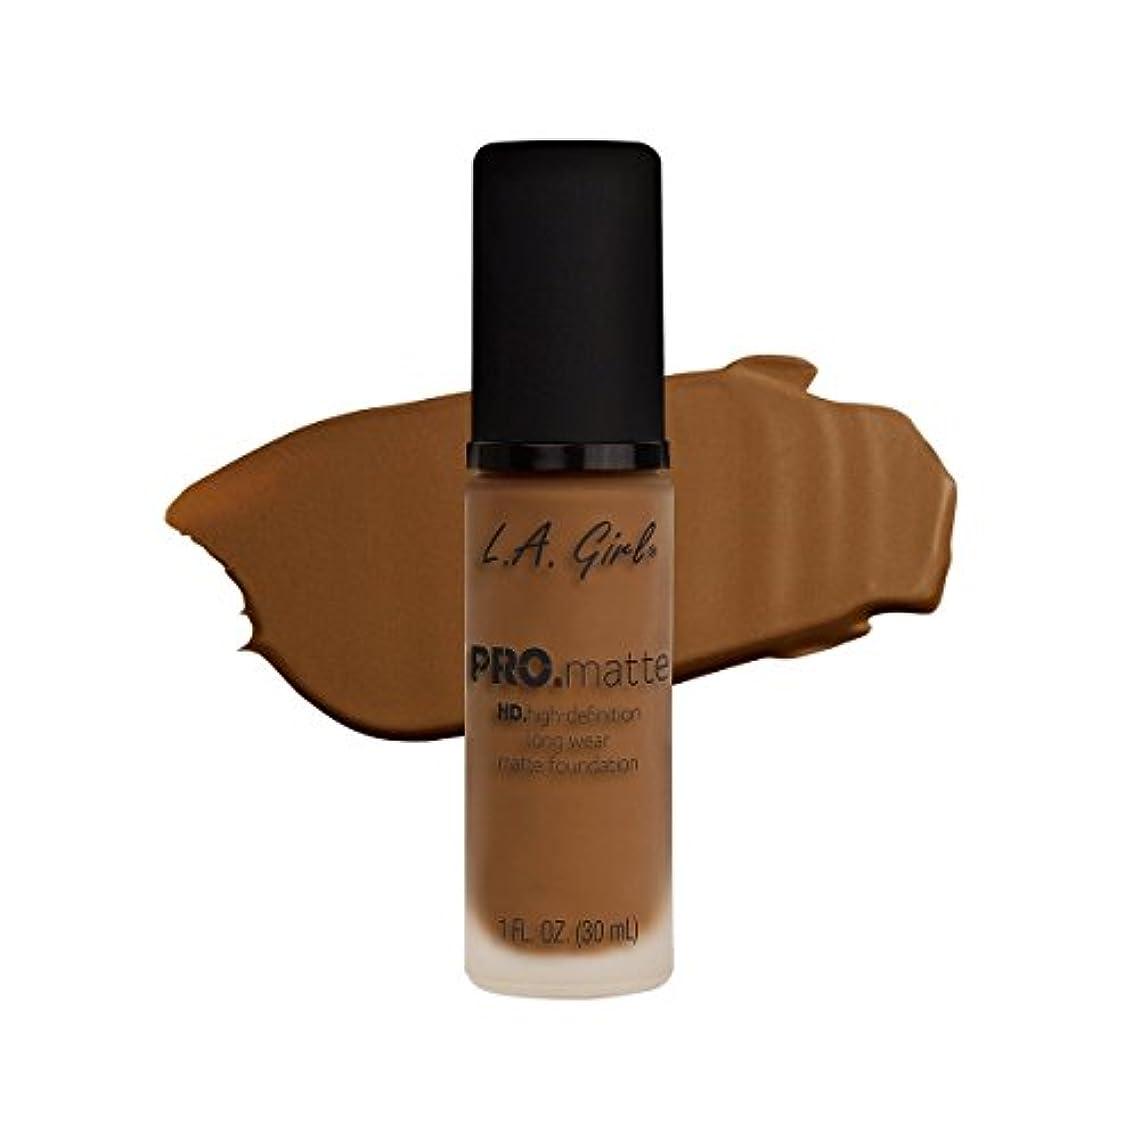 分配しますスーダン複雑な(3 Pack) L.A. GIRL Pro Matte Foundation - Nutmeg (並行輸入品)